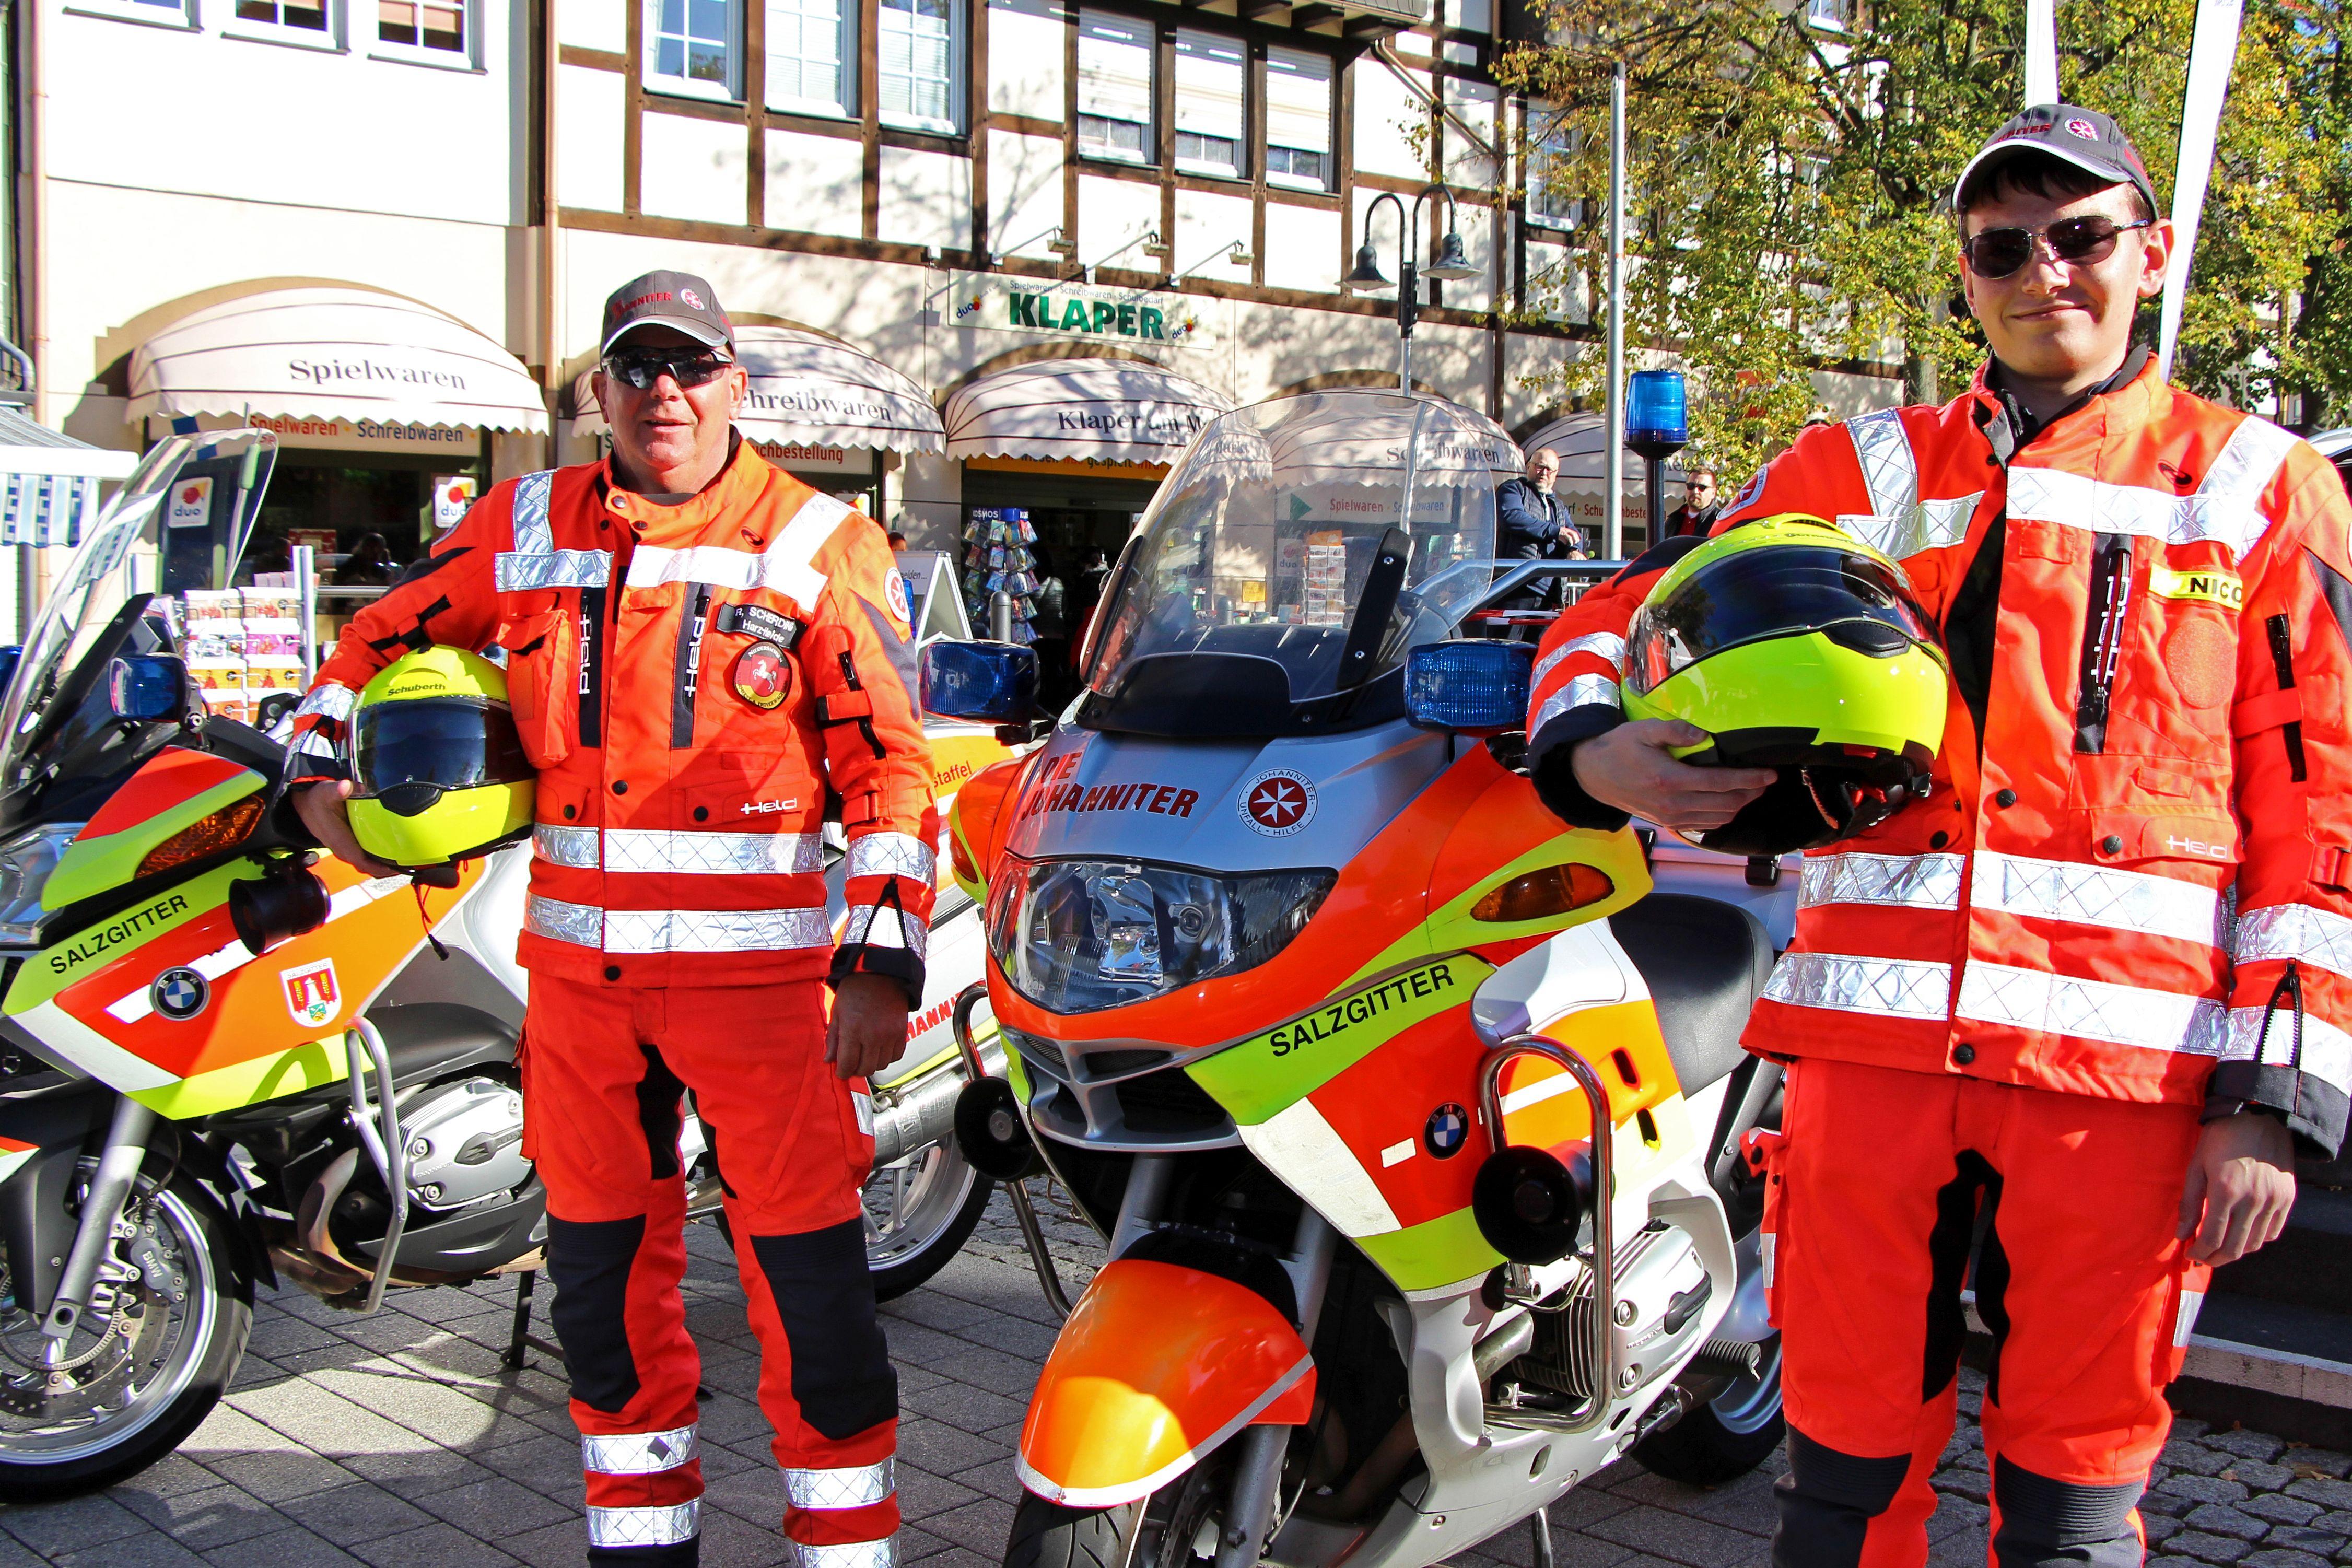 Die Johanniter-Stauhilfemotorradstaffel aus Salzgitter beendet die Saison.